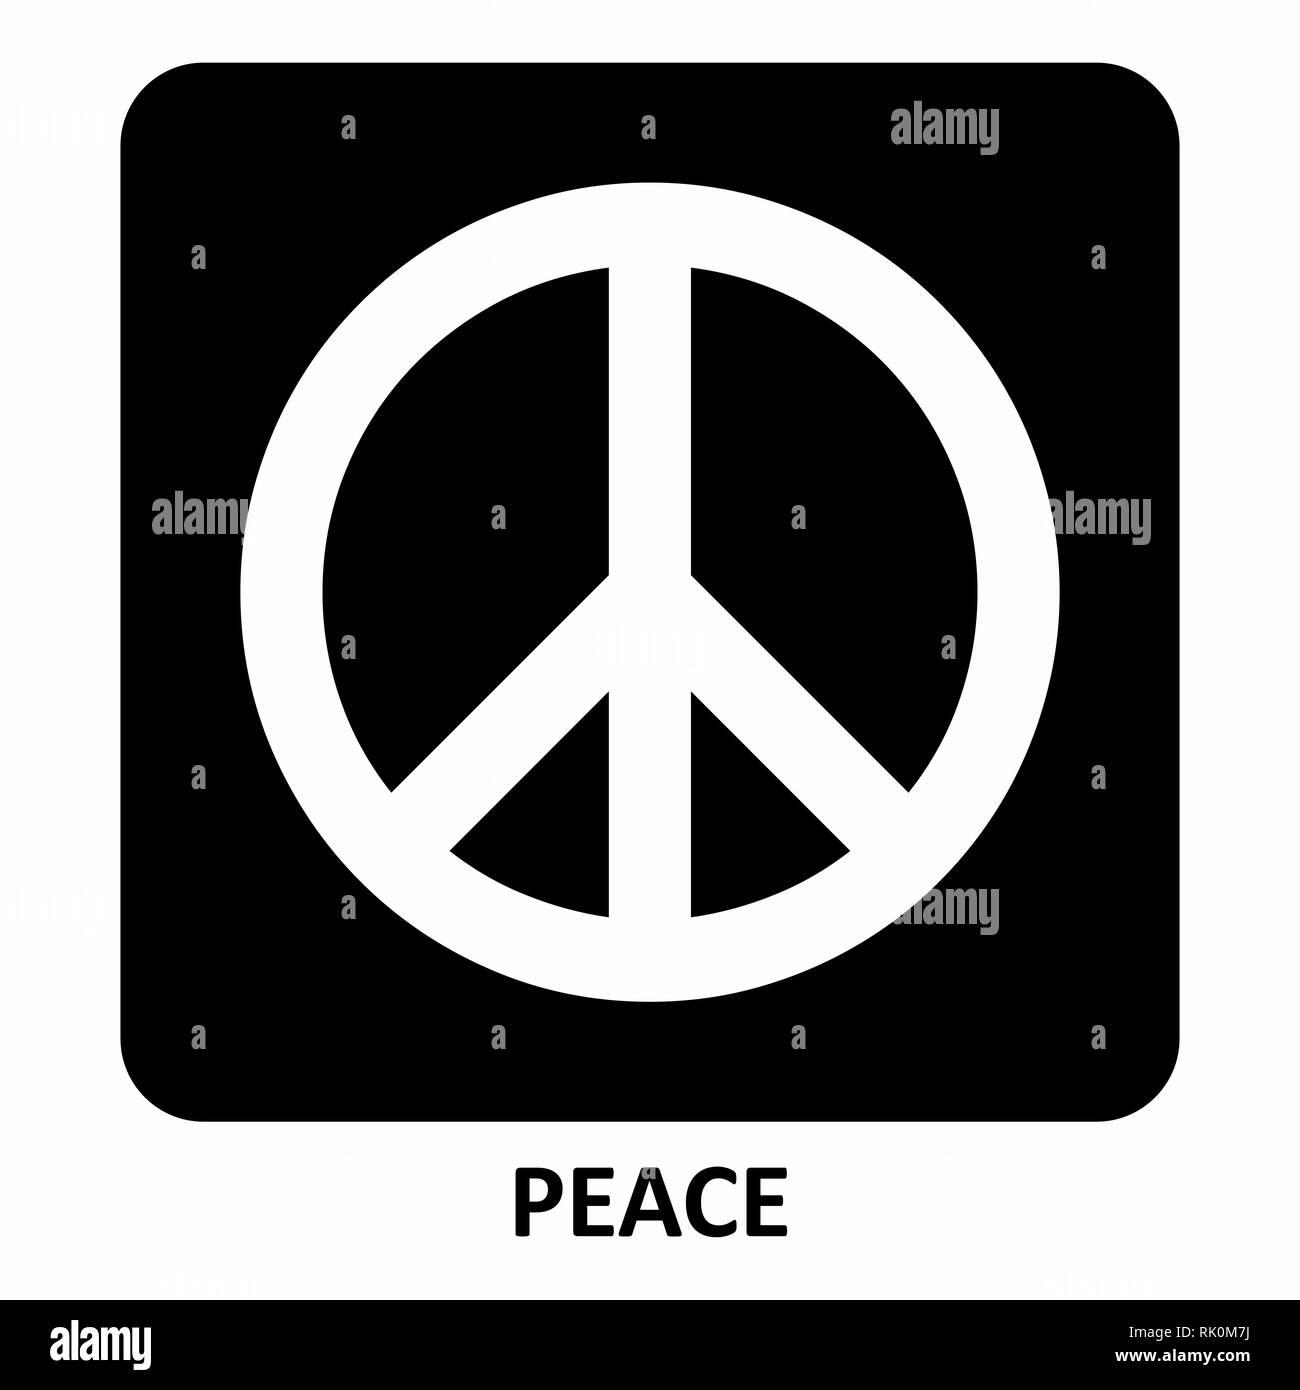 Illustrazione del simbolo di pace su sfondo scuro Immagini Stock